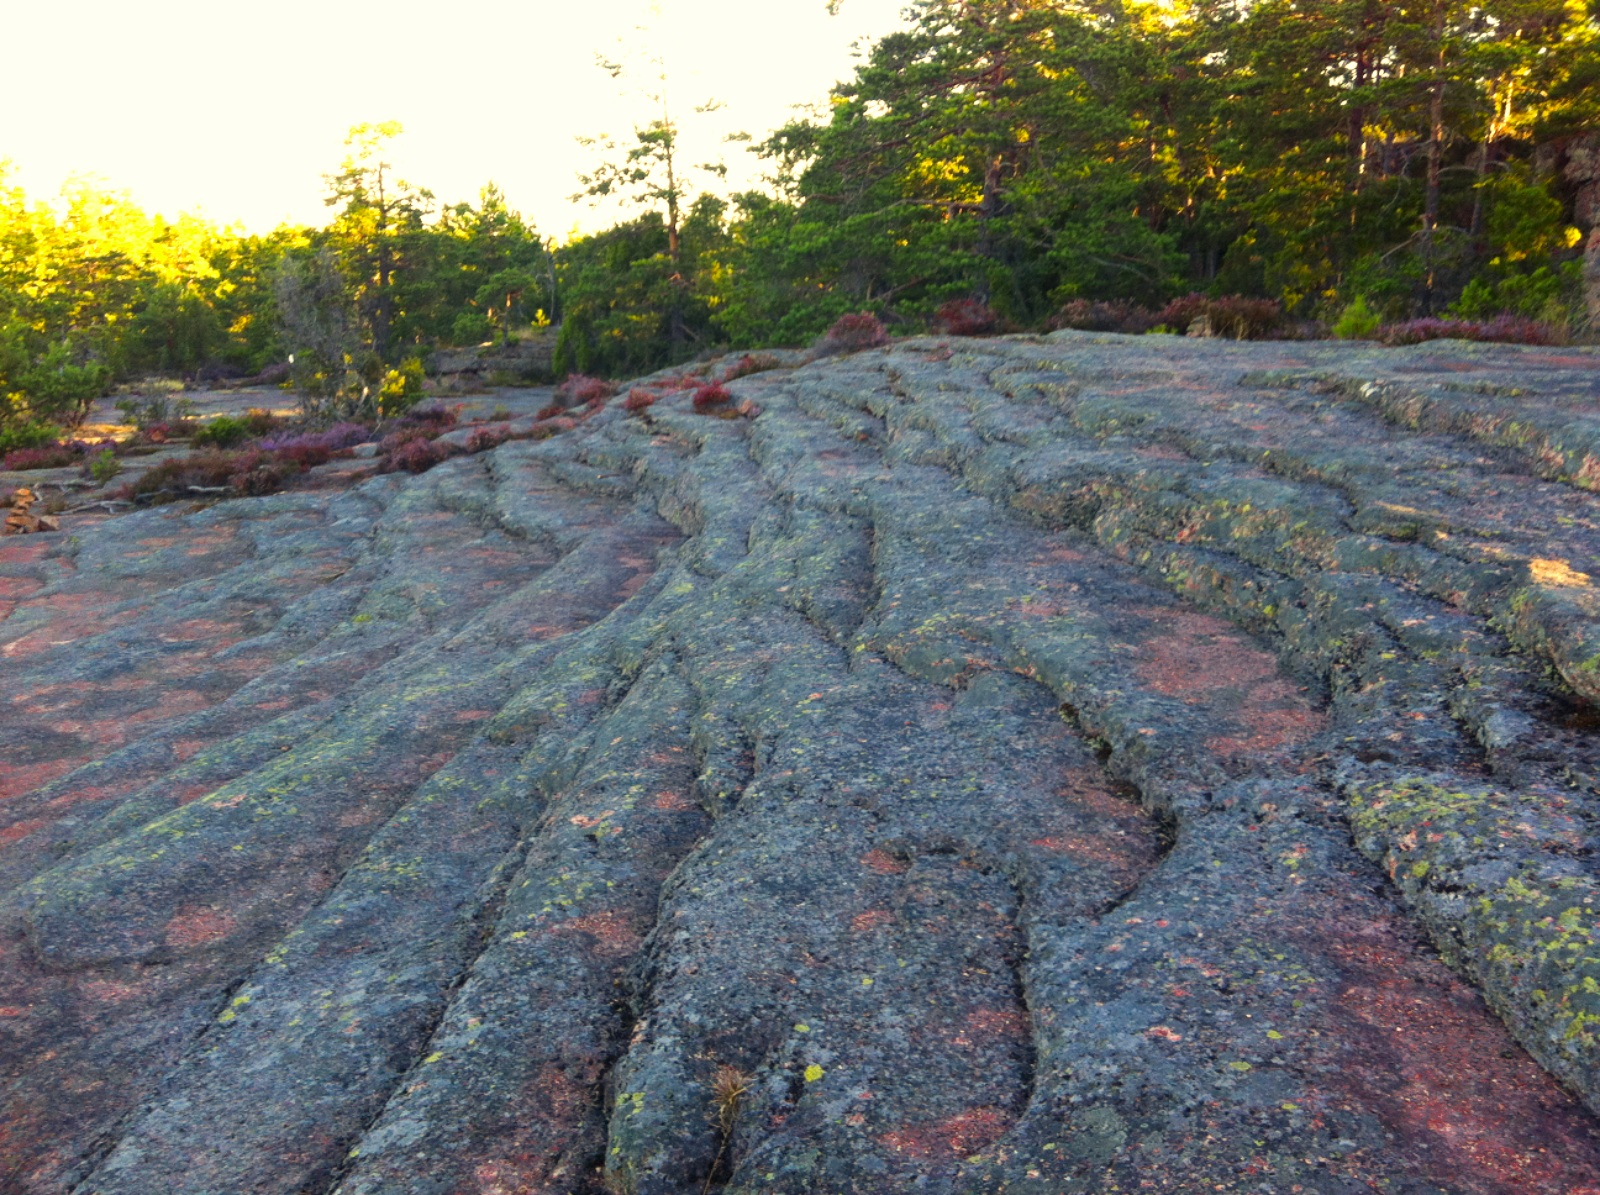 Muinaismeri kalliossa